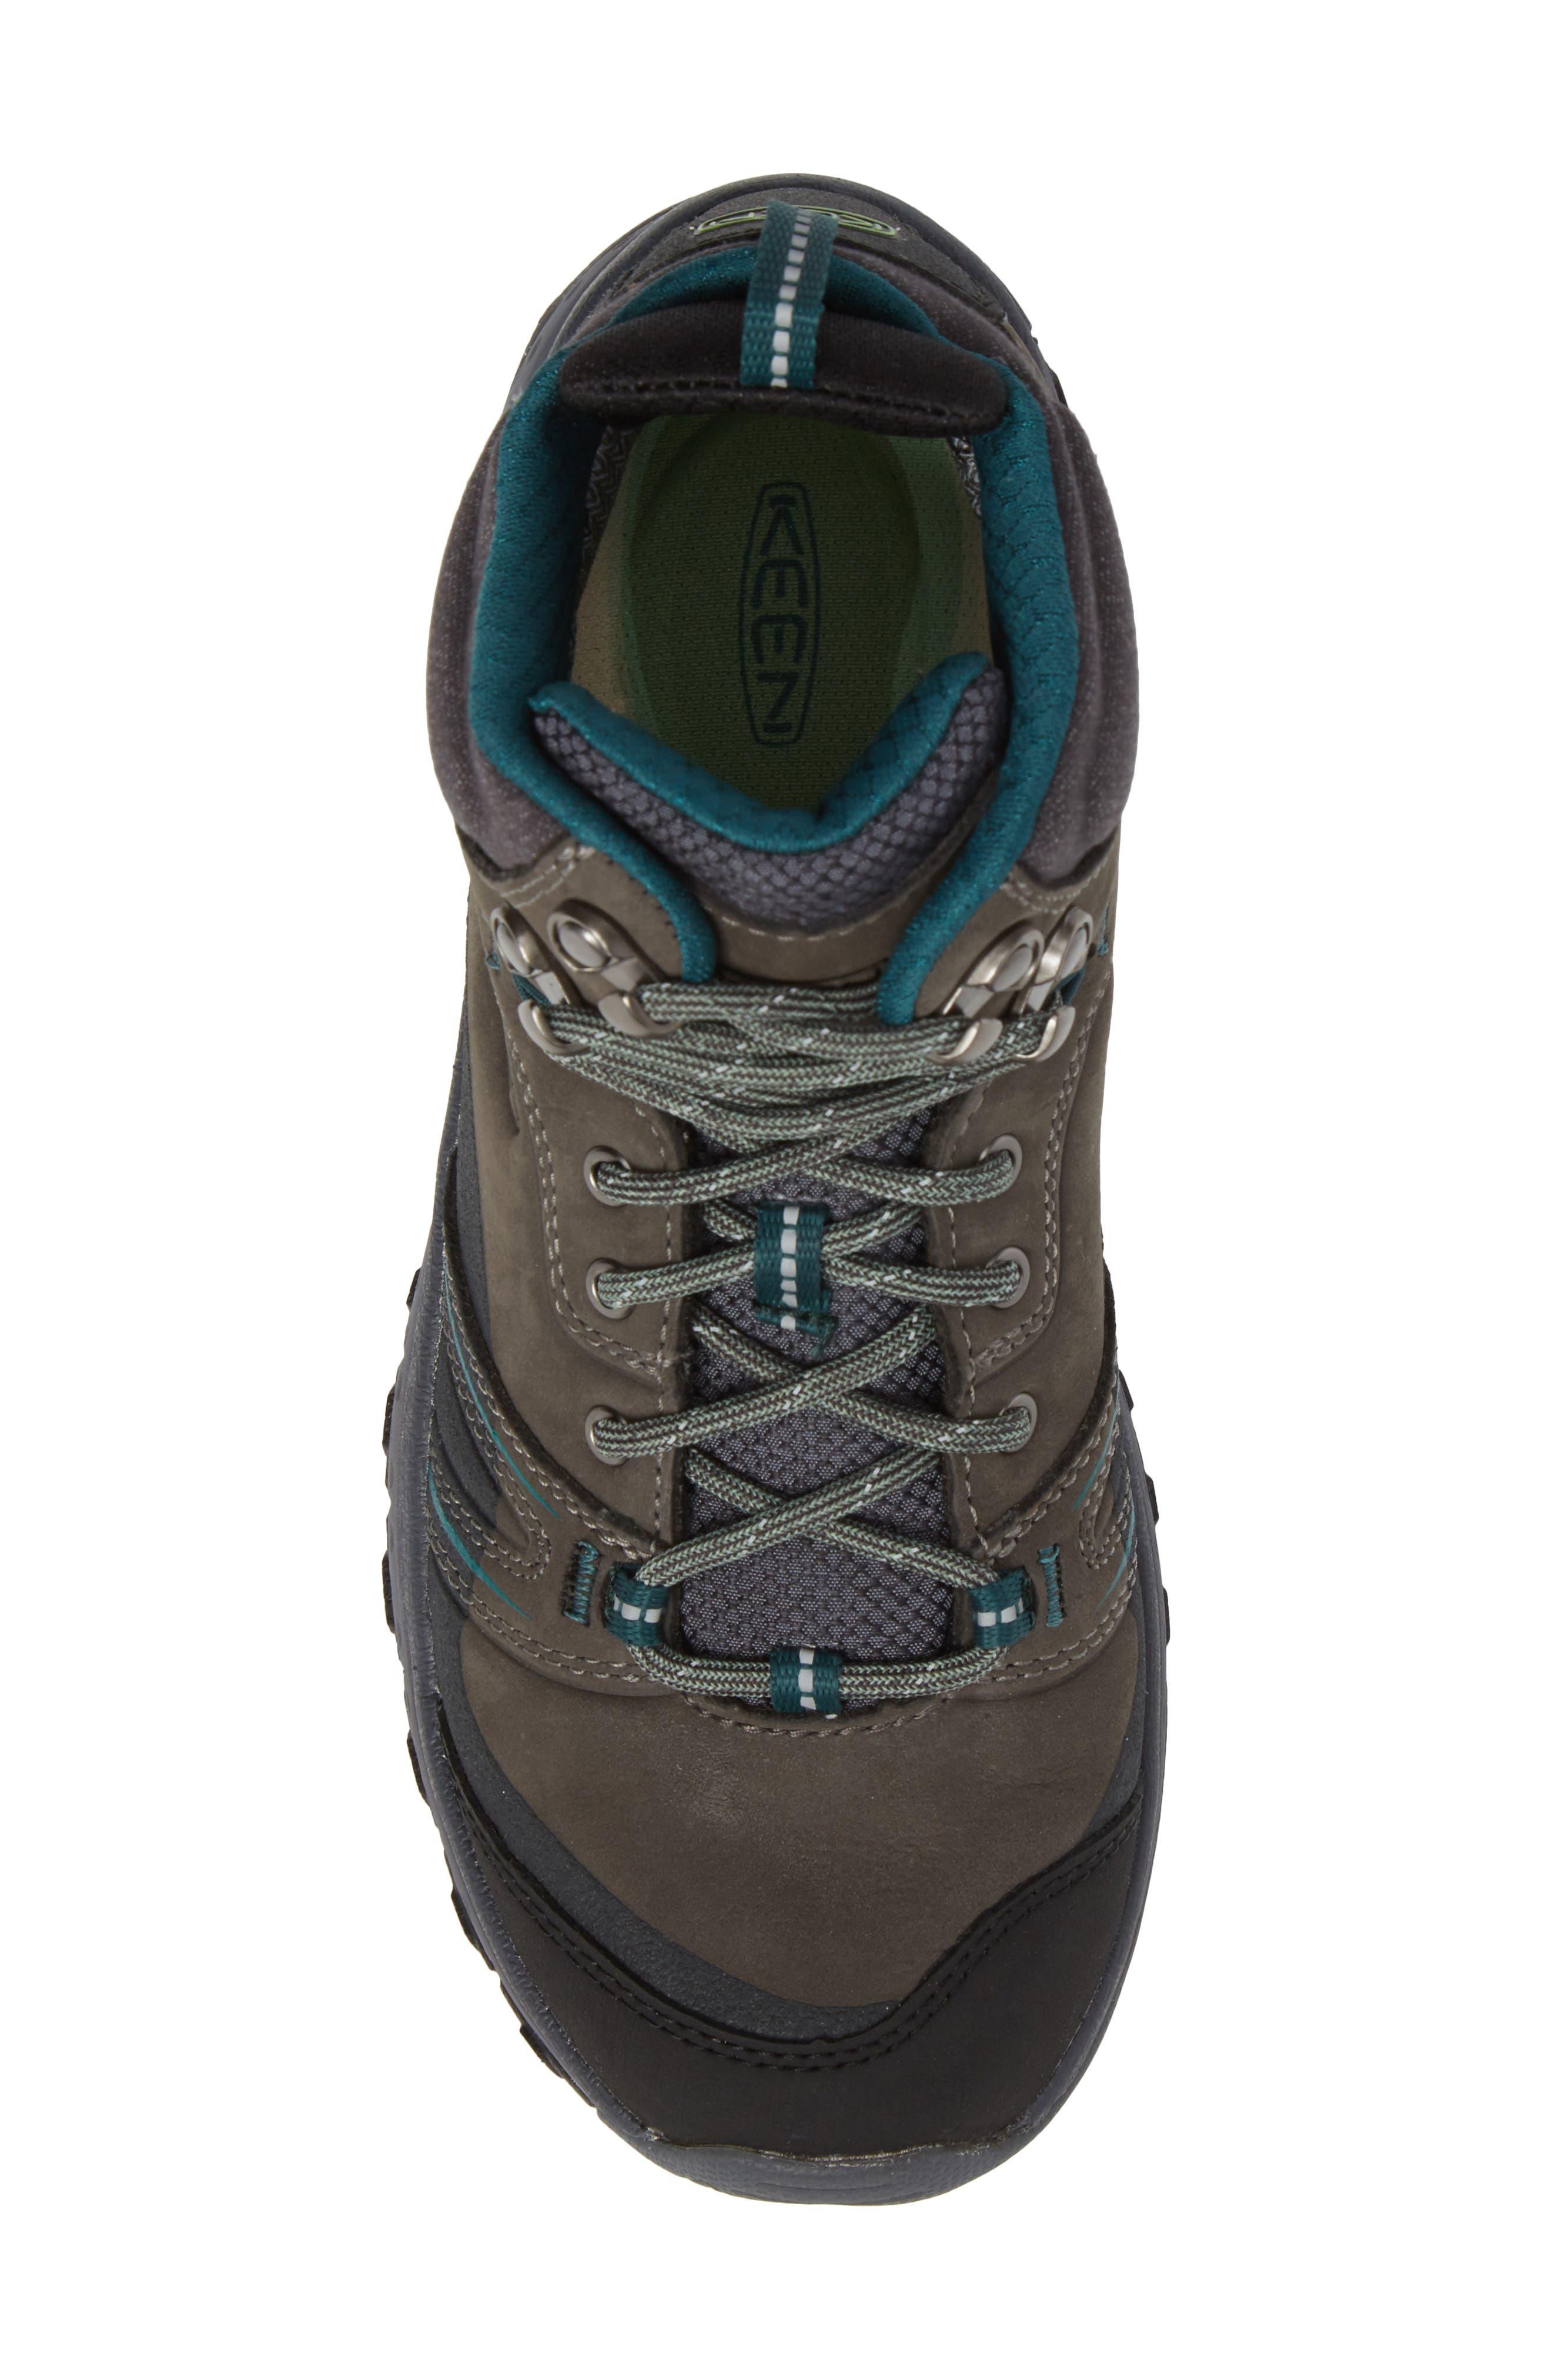 Terradora Leather Waterproof Hiking Boot,                             Alternate thumbnail 5, color,                             MUSHROOM NUBUCK LEATHER